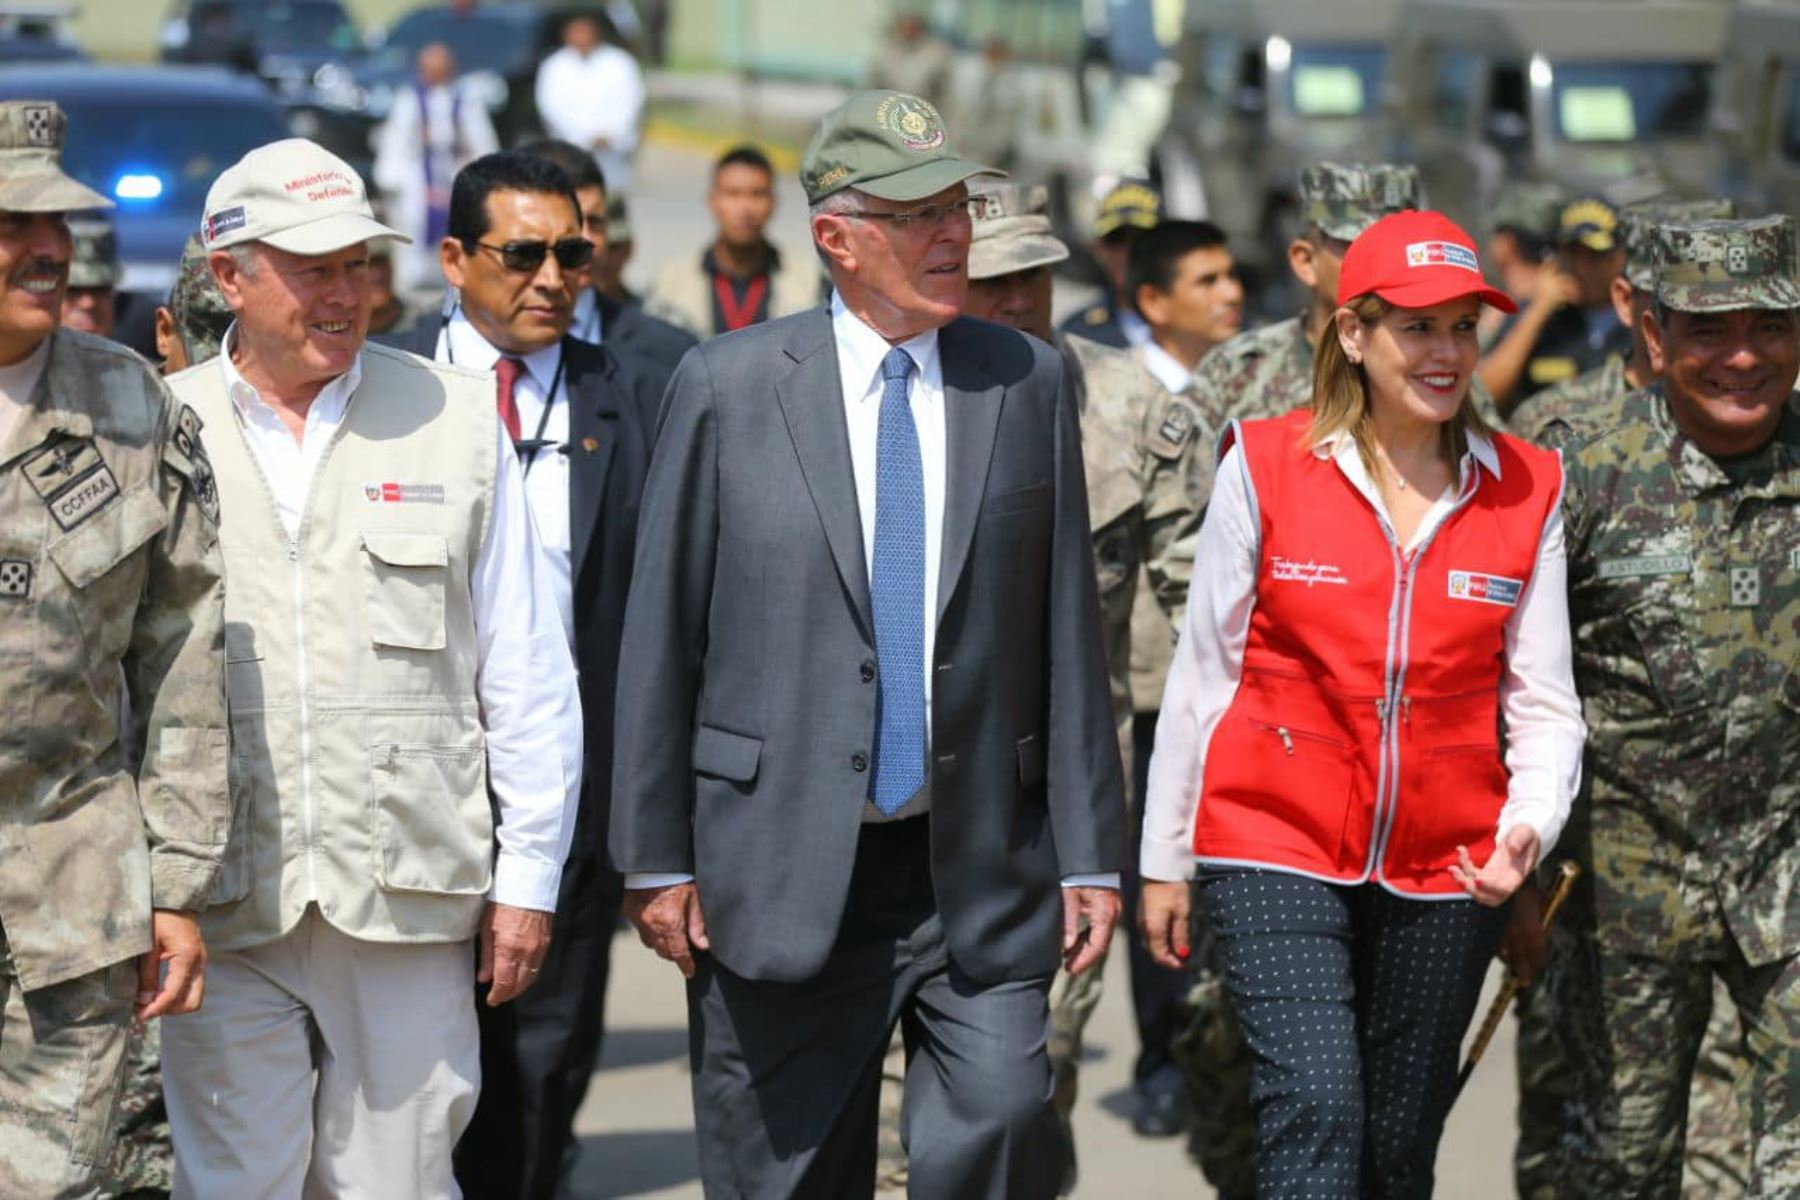 Presidente Kuczynski participa en la presentación de la 1.ª Brigada Multipropósito Mariscal del Perú Eloy Gaspar Ureta Montehermoso del Ejército del Perú. Foto: ANDINA/Prensa Presidencia.